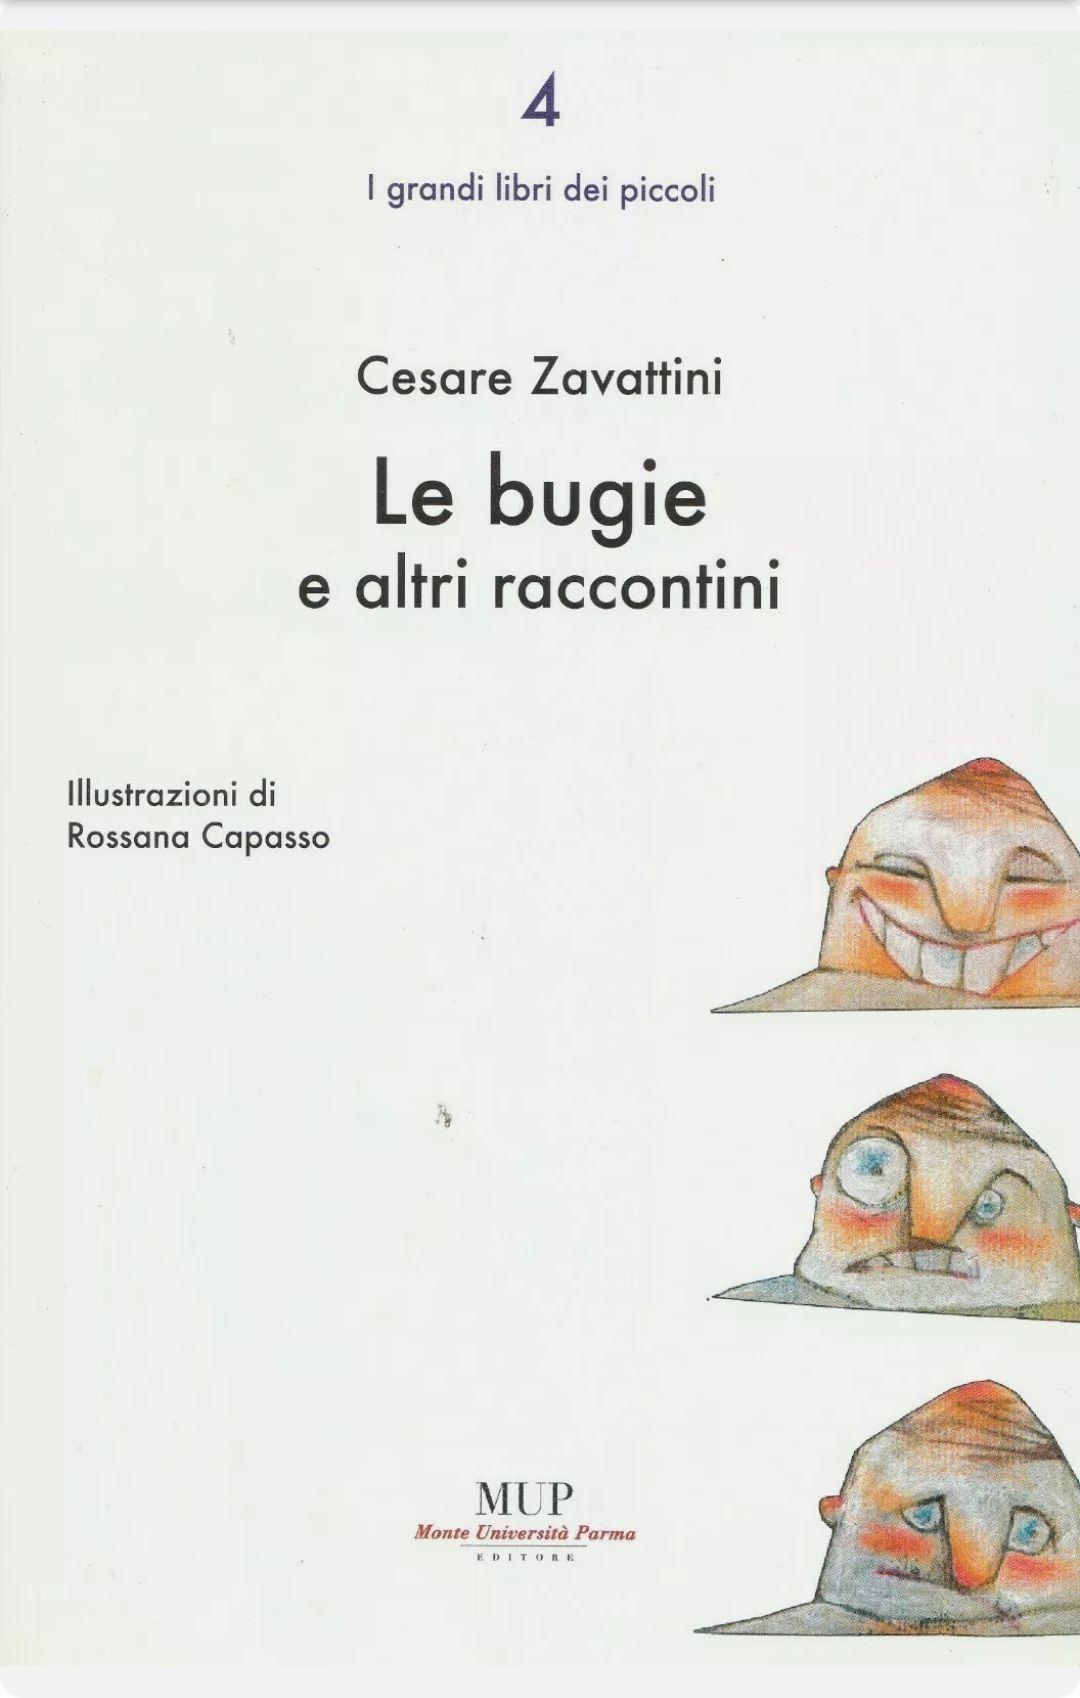 CESARE ZAVATTINI, LE BUGIE E ALTRI RACCONTINI, un libro veramente introvabile, MUP – a 8,90 €